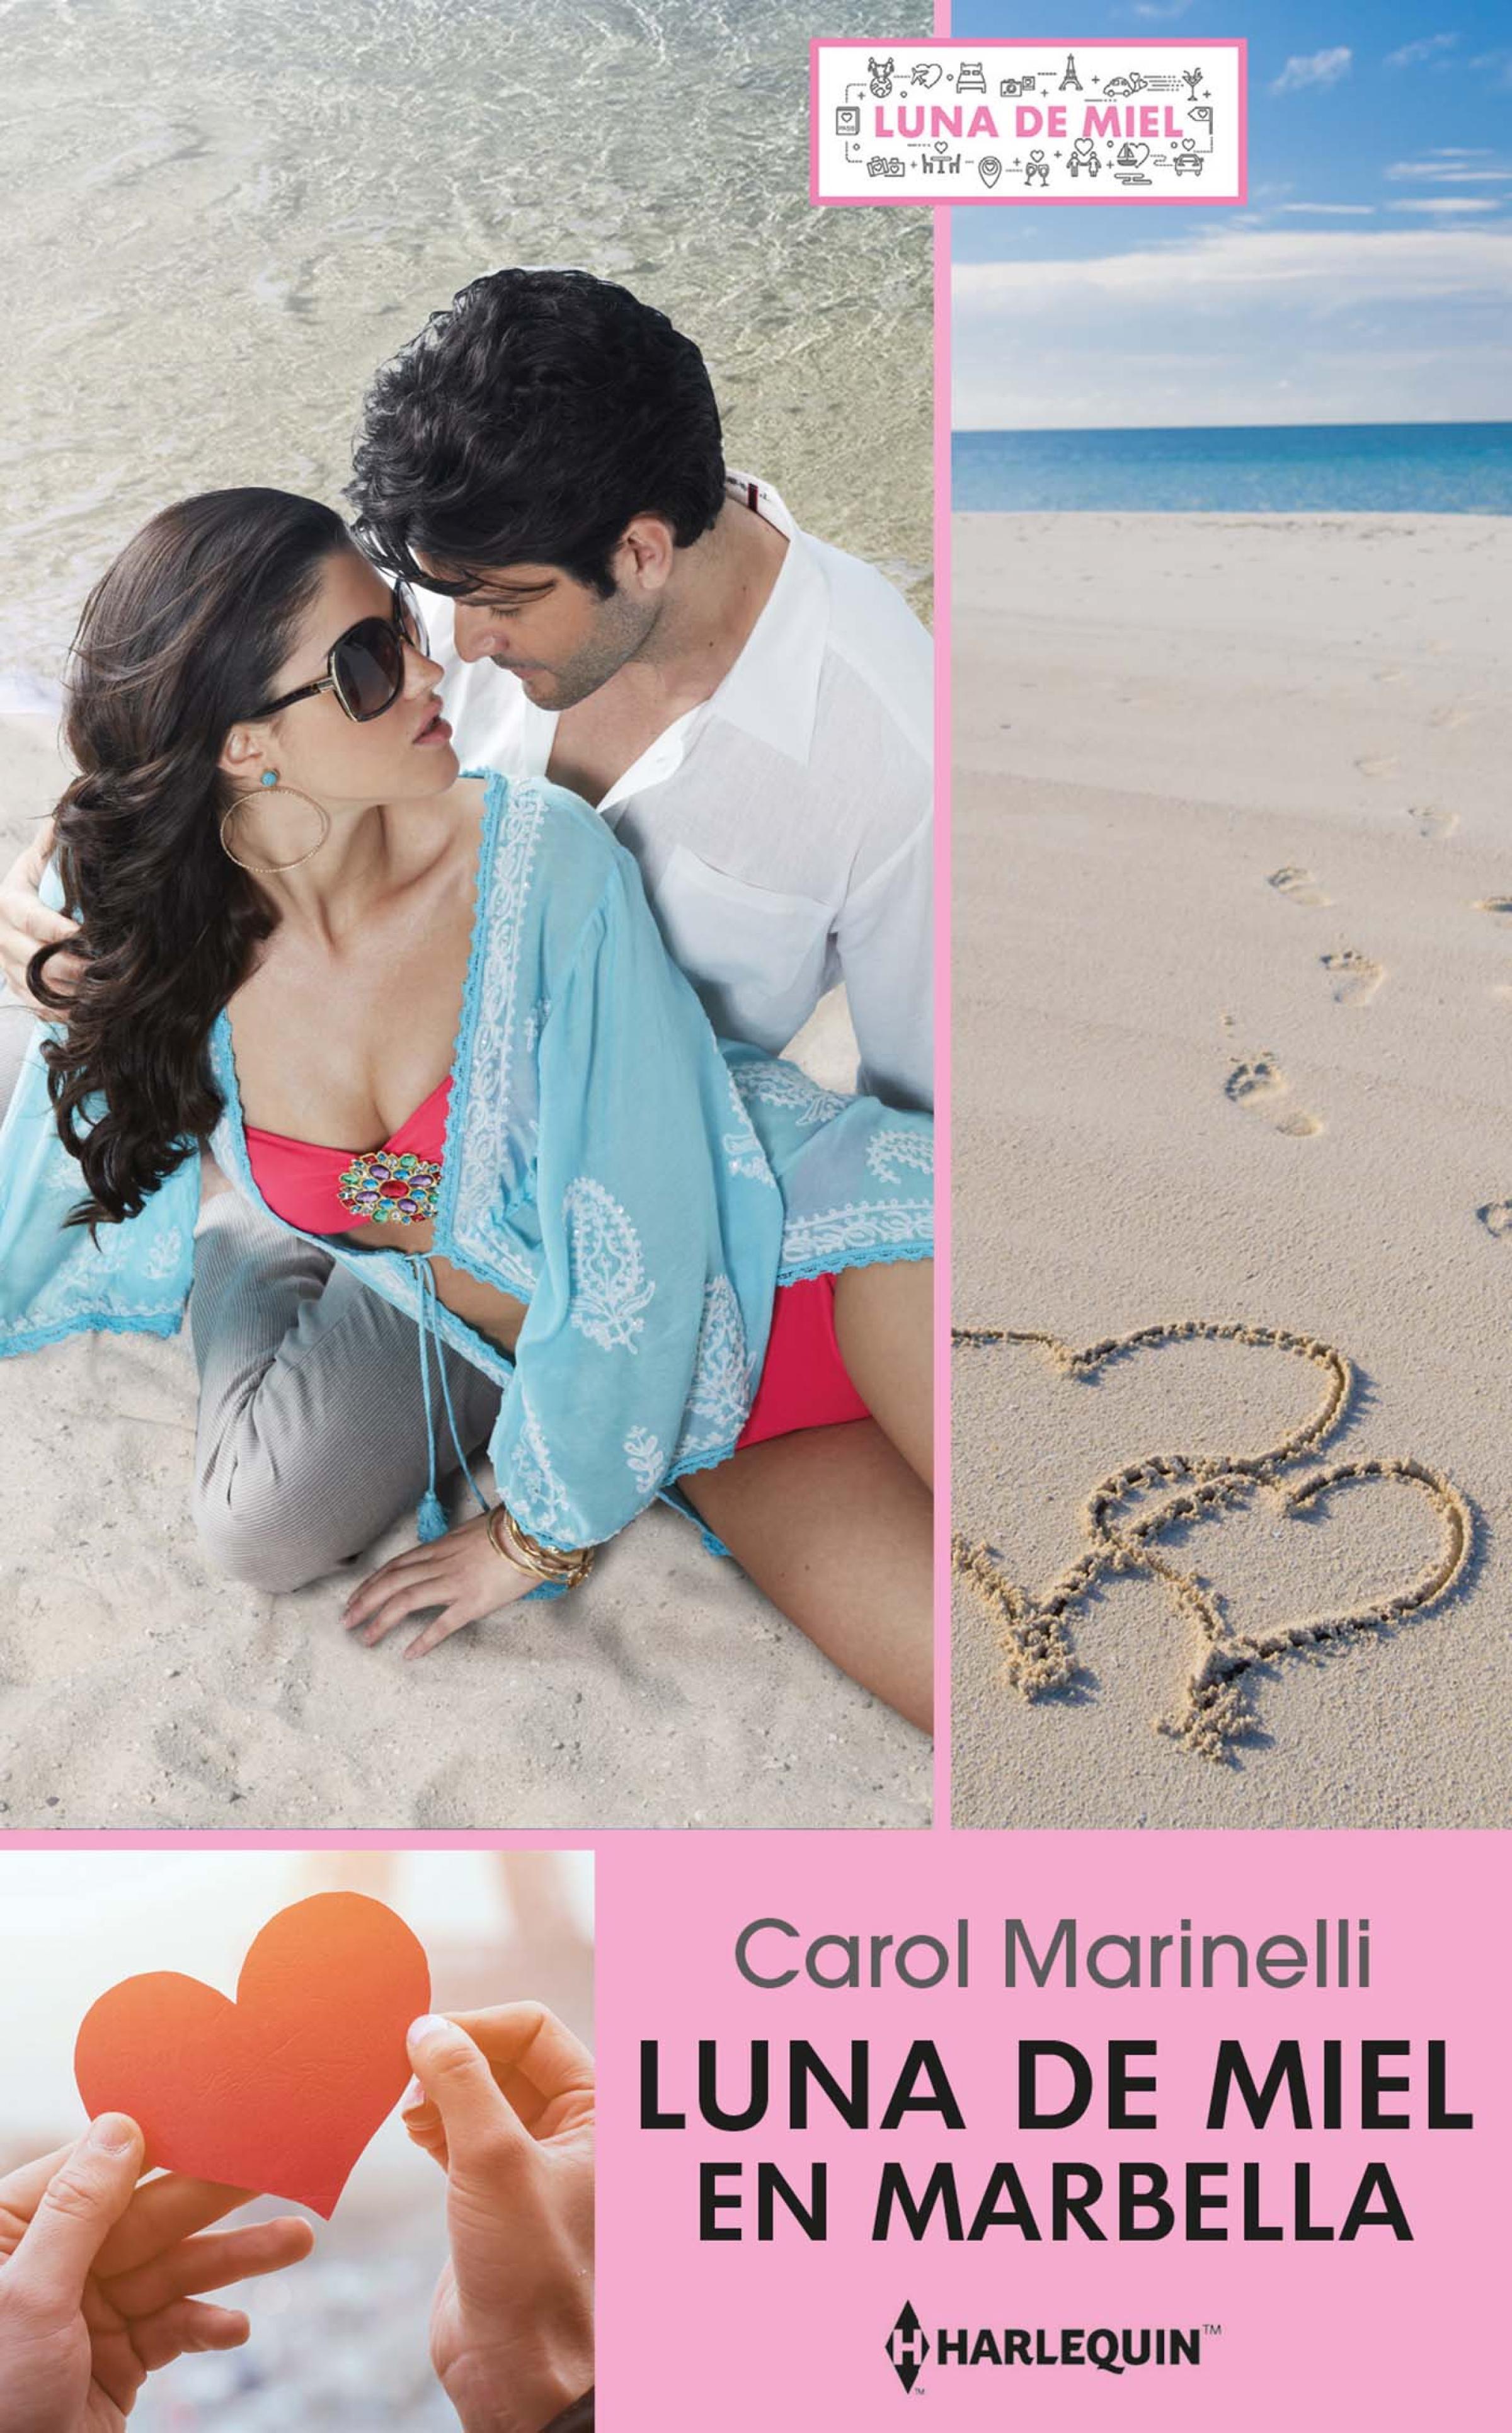 Carol Marinelli Luna de miel en Marbella недорого